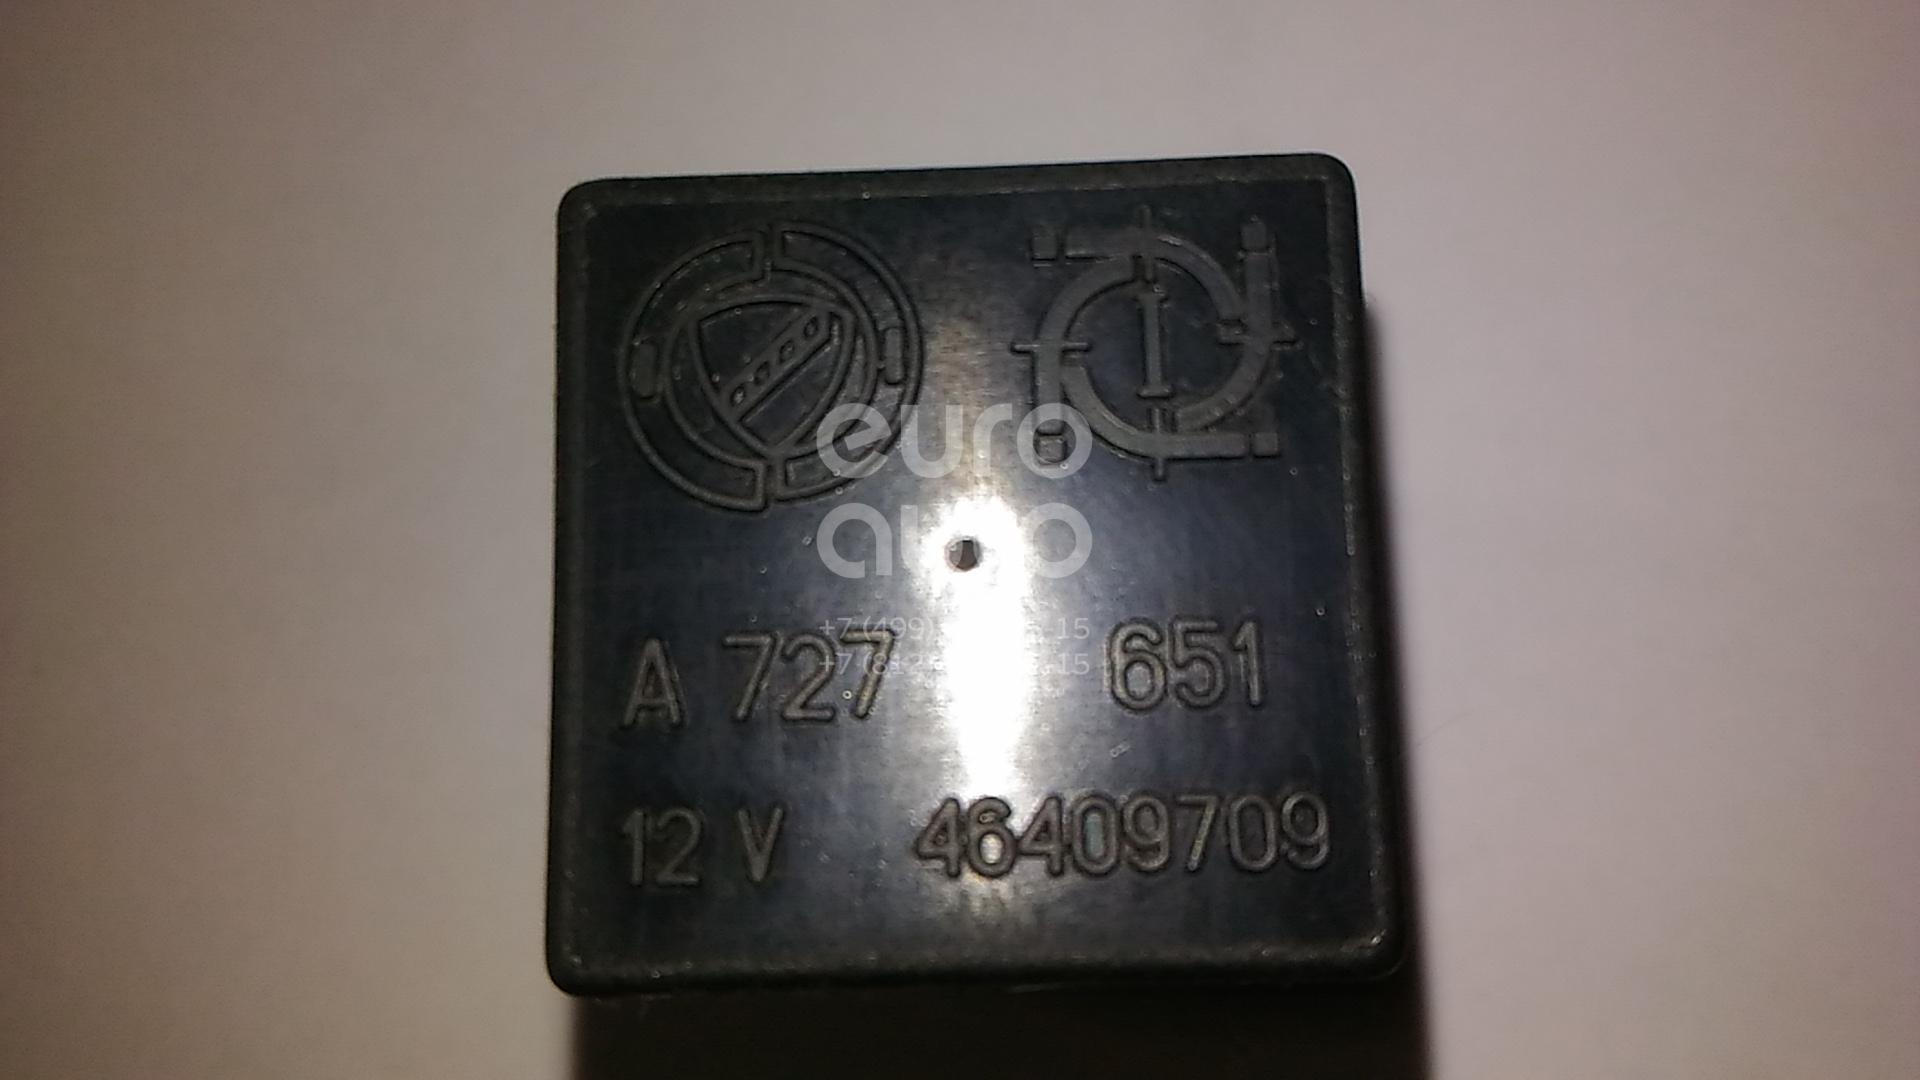 Купить Реле Fiat Ducato 230 1994-2002; (46409709)